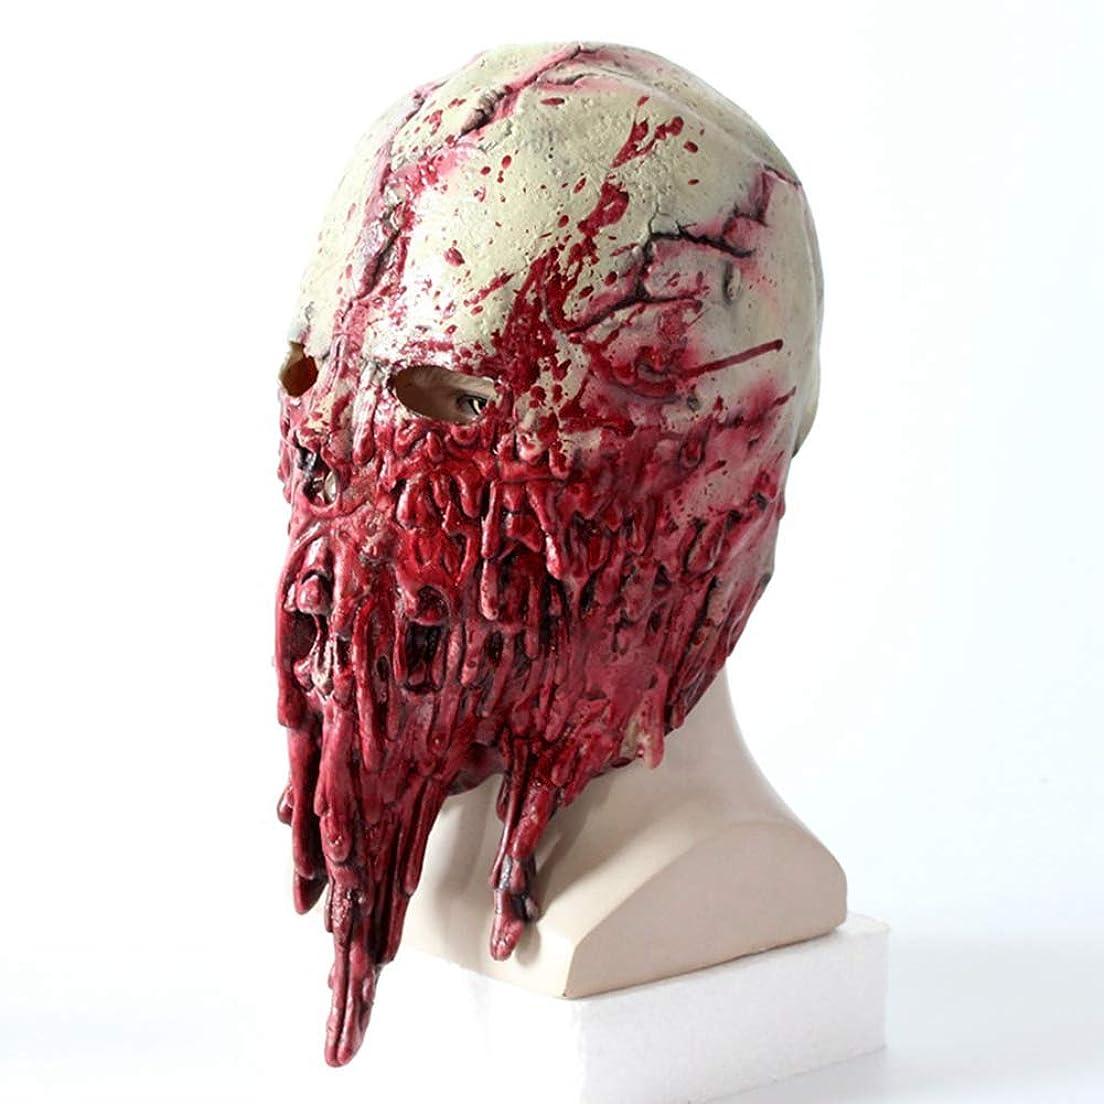 一緒に達成可能仮説ハロウィーンホラーマスク、嫌なゾンビマスク、バイオハザードヘッドマスク、パーティー仮装ラテックスマスク